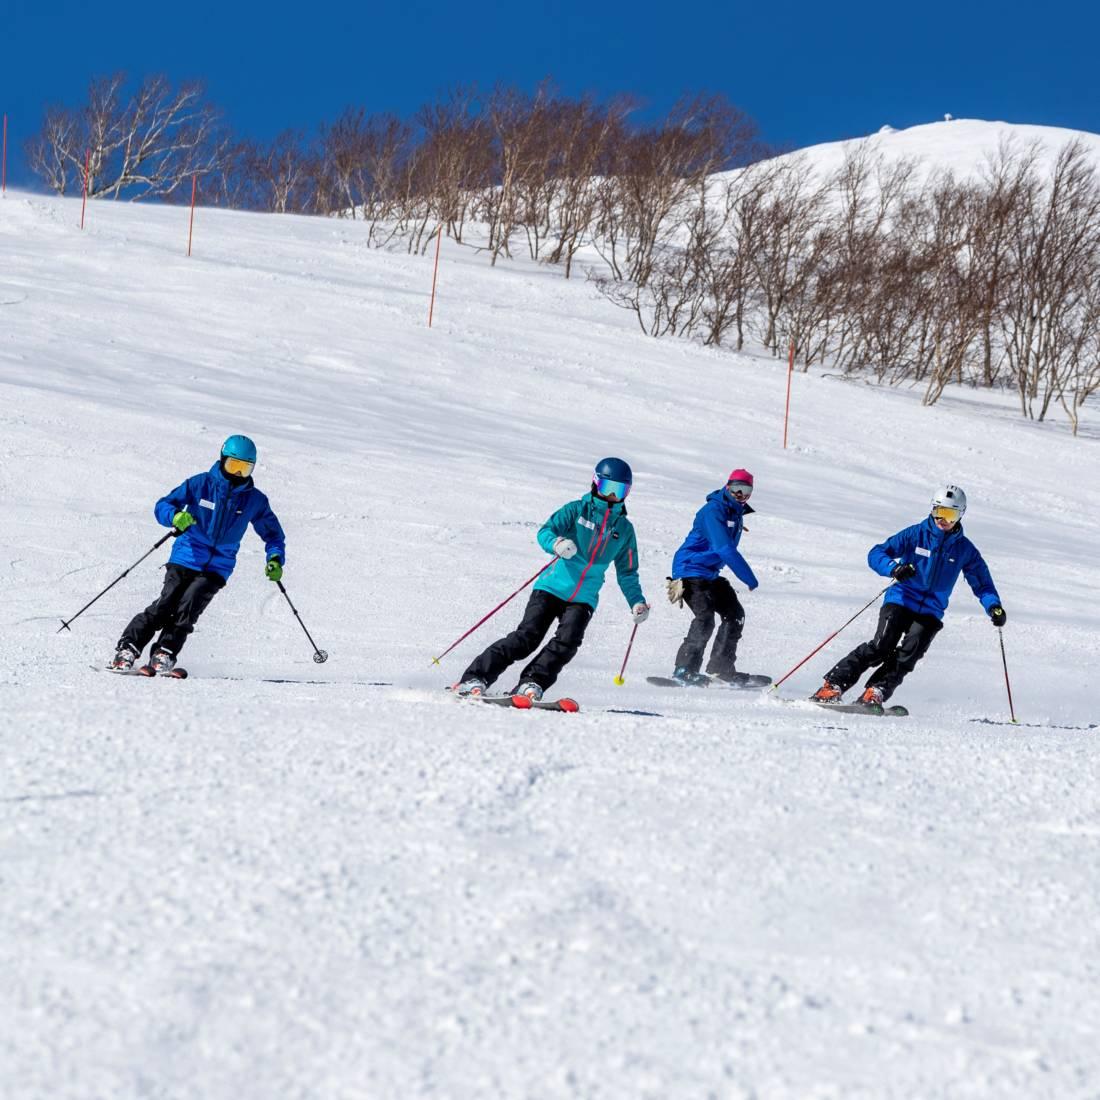 Hokkaido Ski Club ski and snowboard instructors